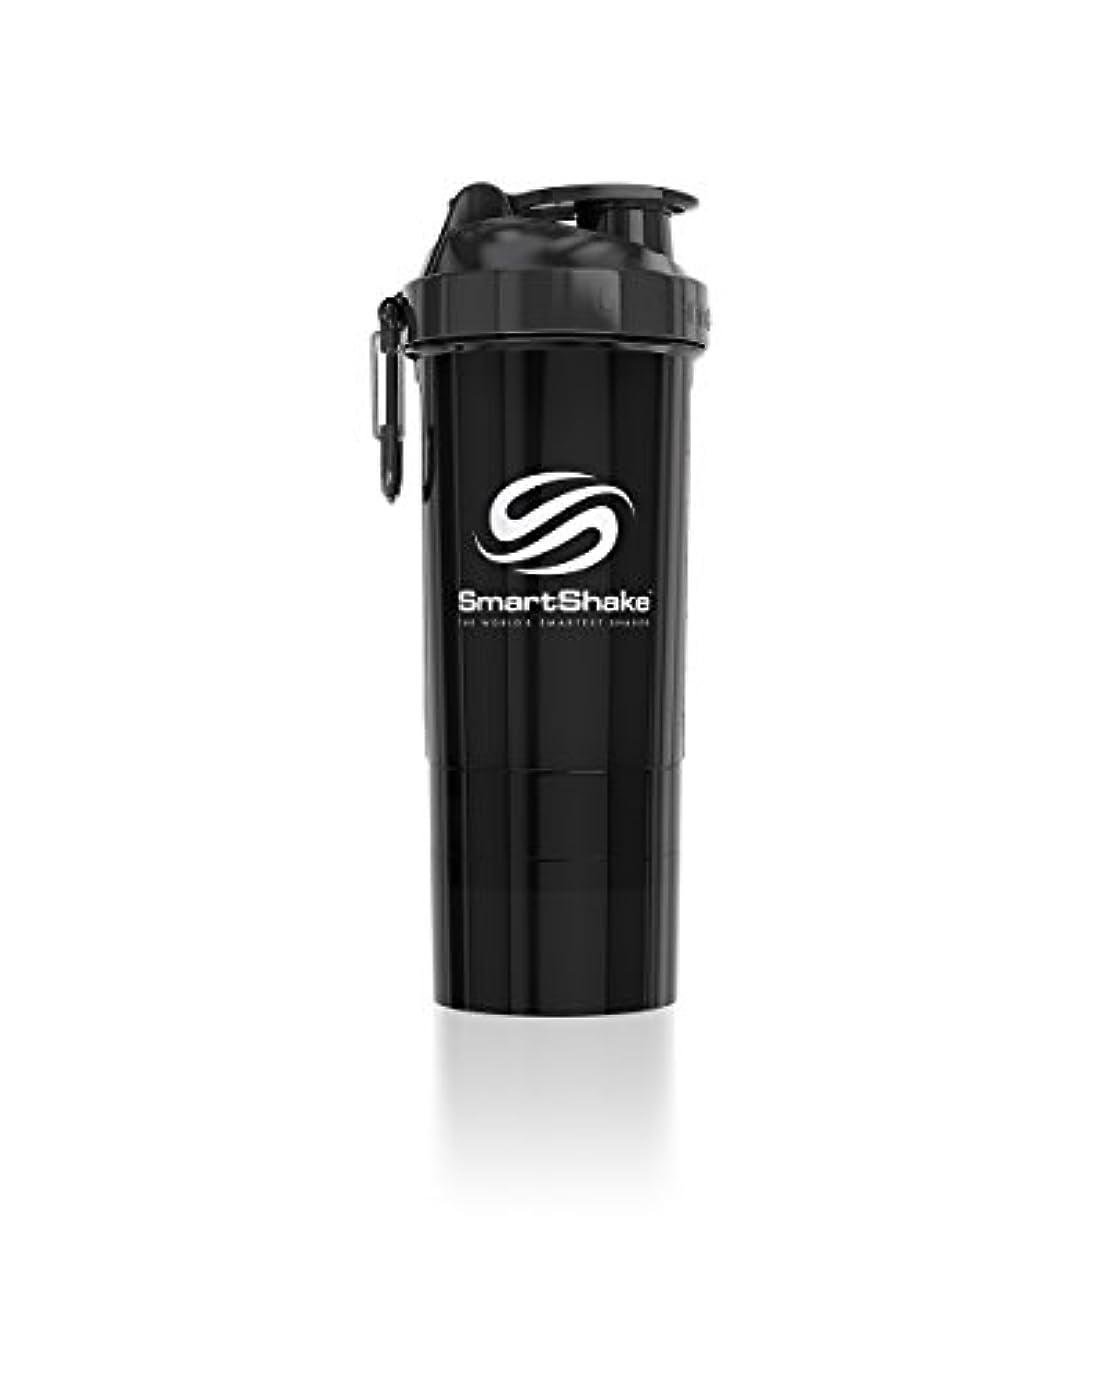 同性愛者それら熱Smartshake オリジナル 2Go ボトル 27 oz 10580301